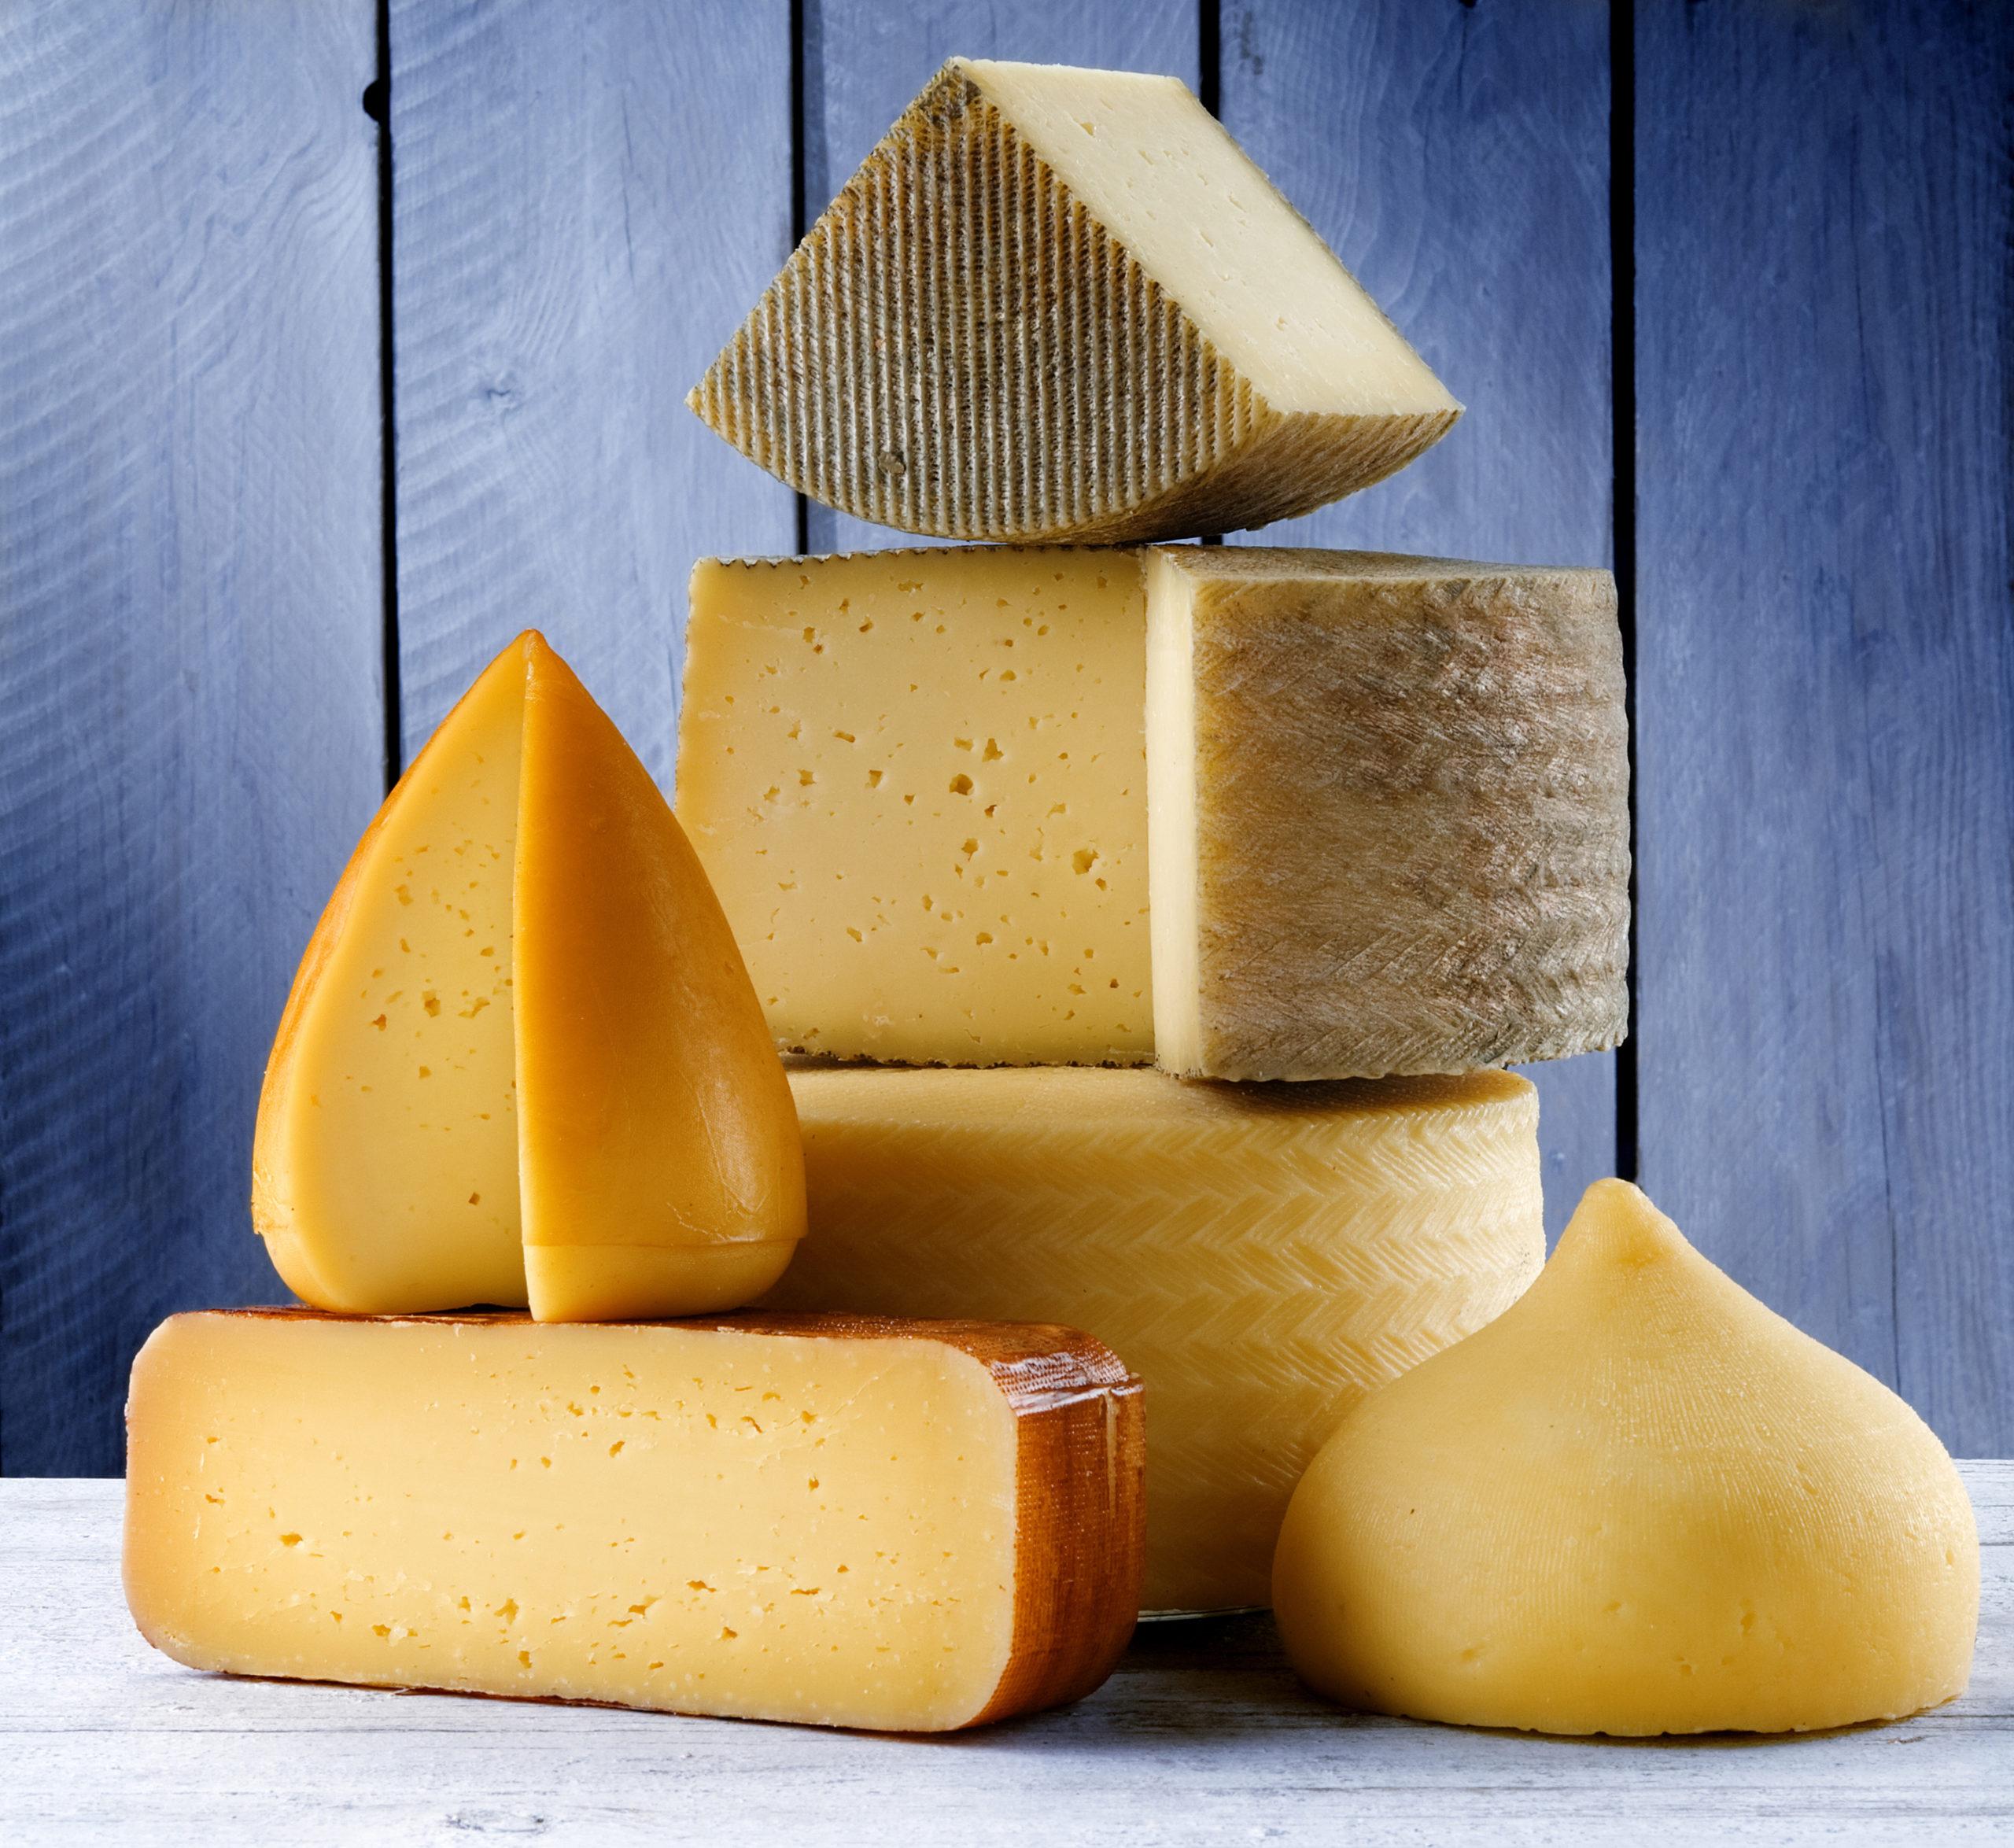 Управление Россельхознадзора по Тверской области выявило факты реализации сыров неизвестного происхождения